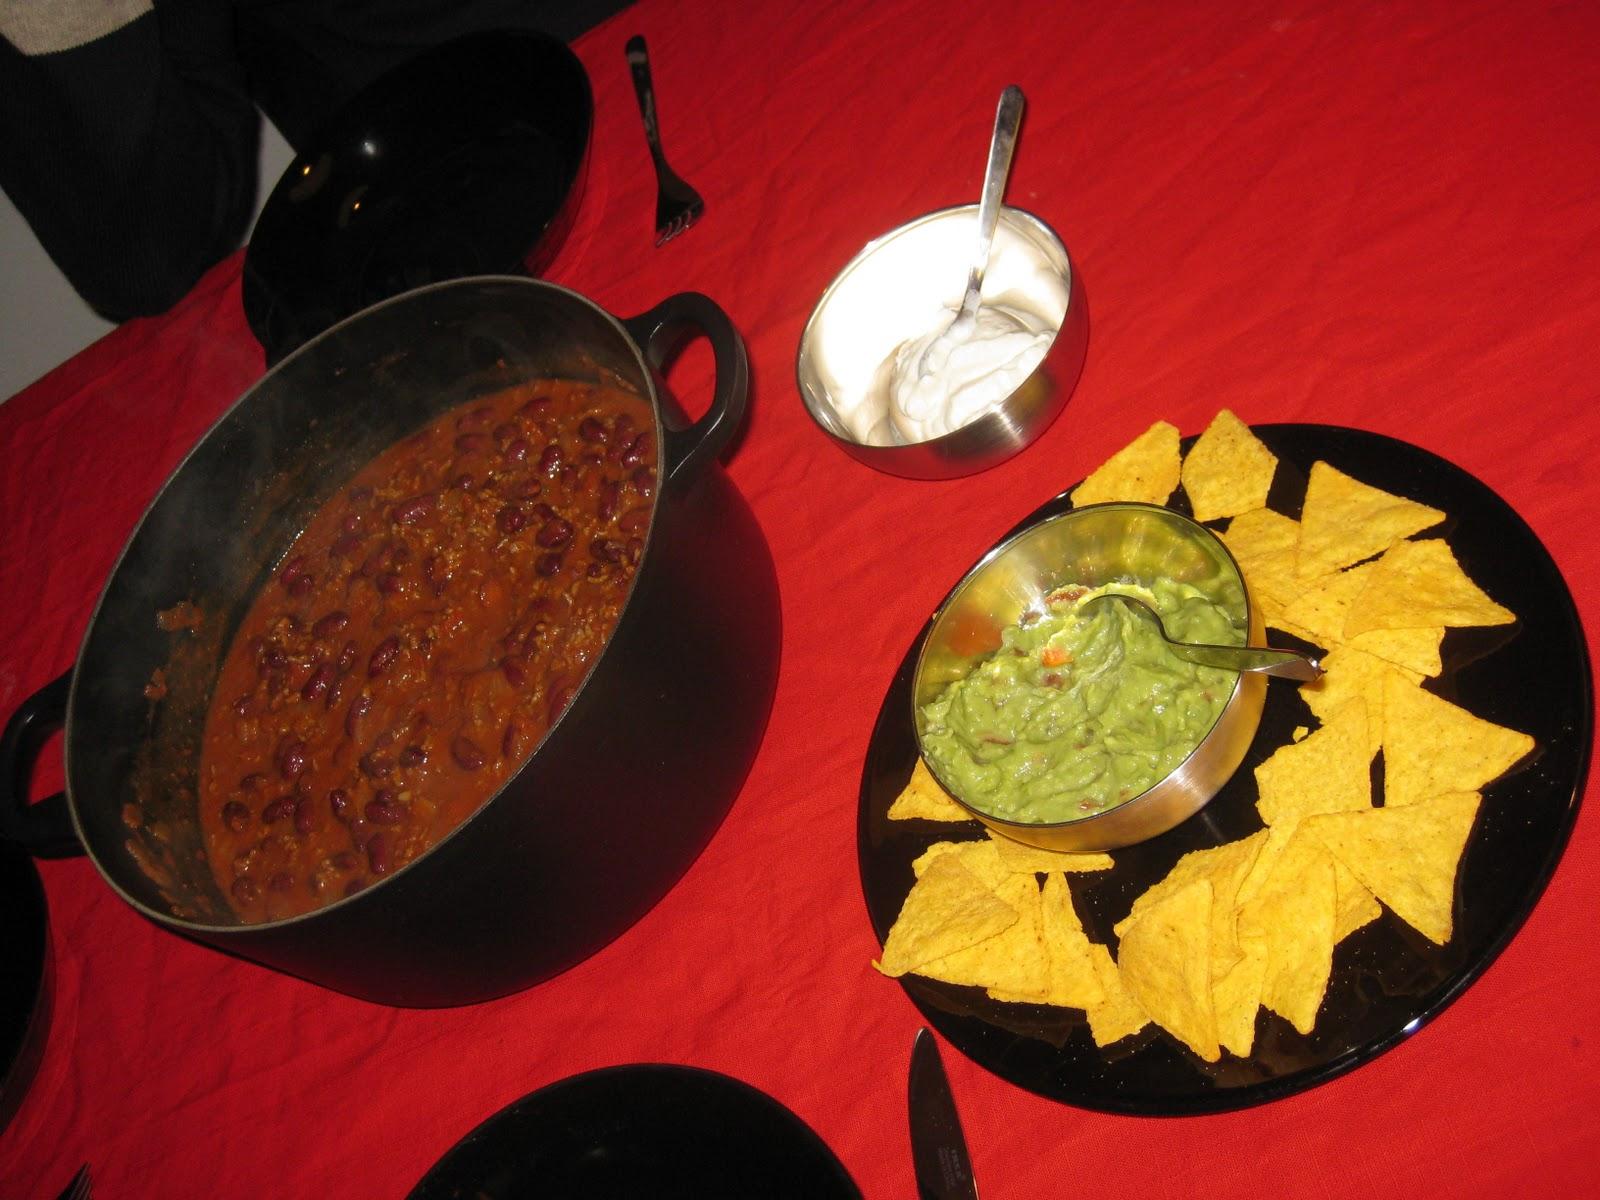 oliver chili con carne